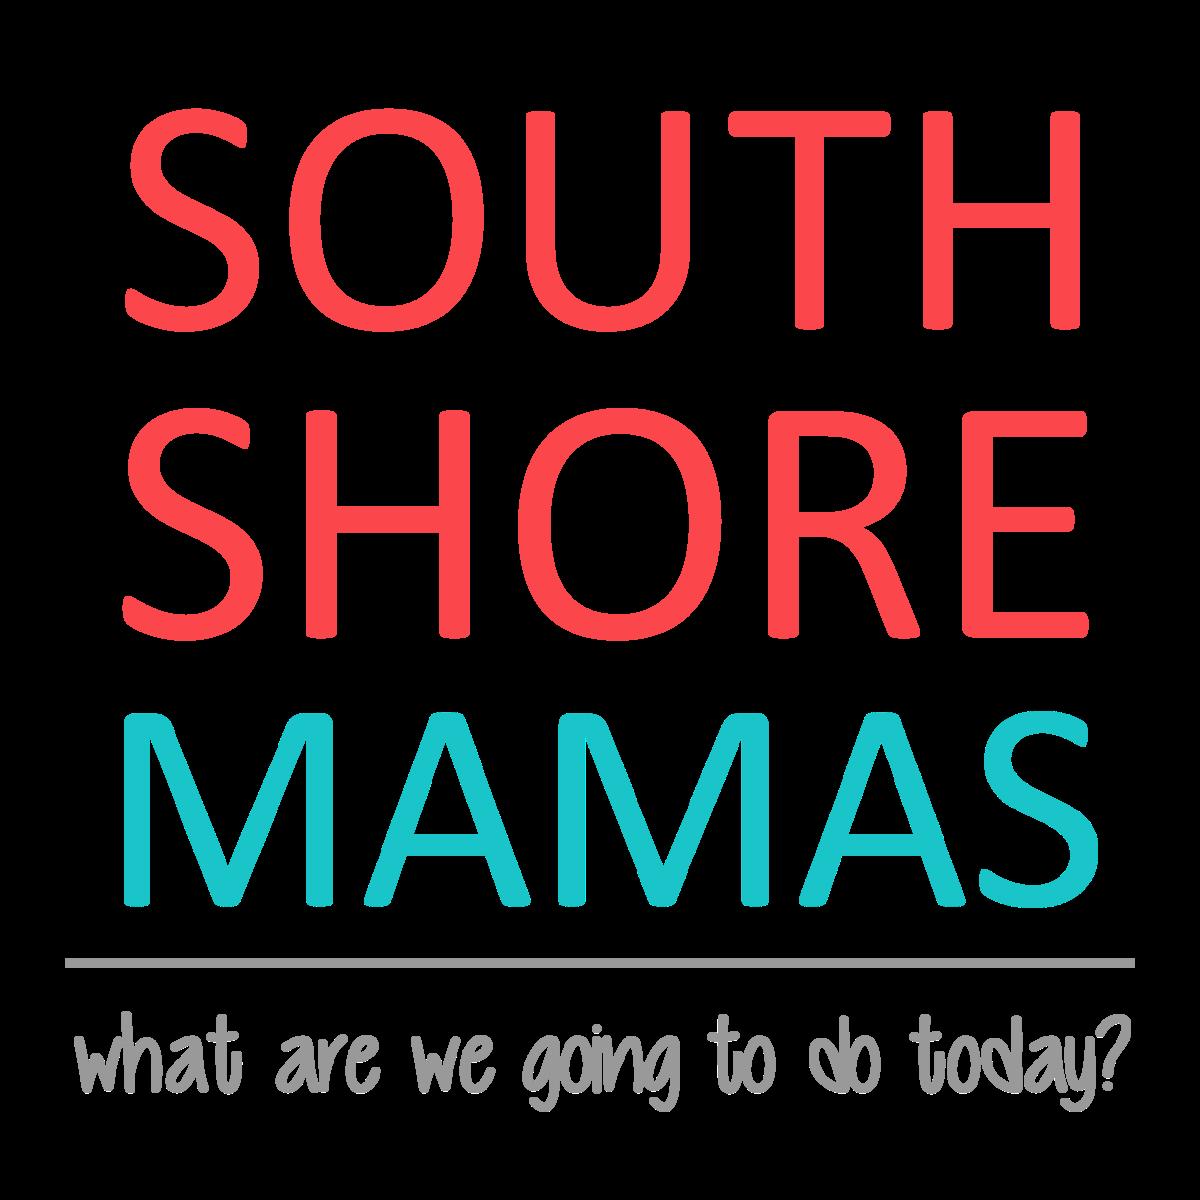 South Shore Mamas